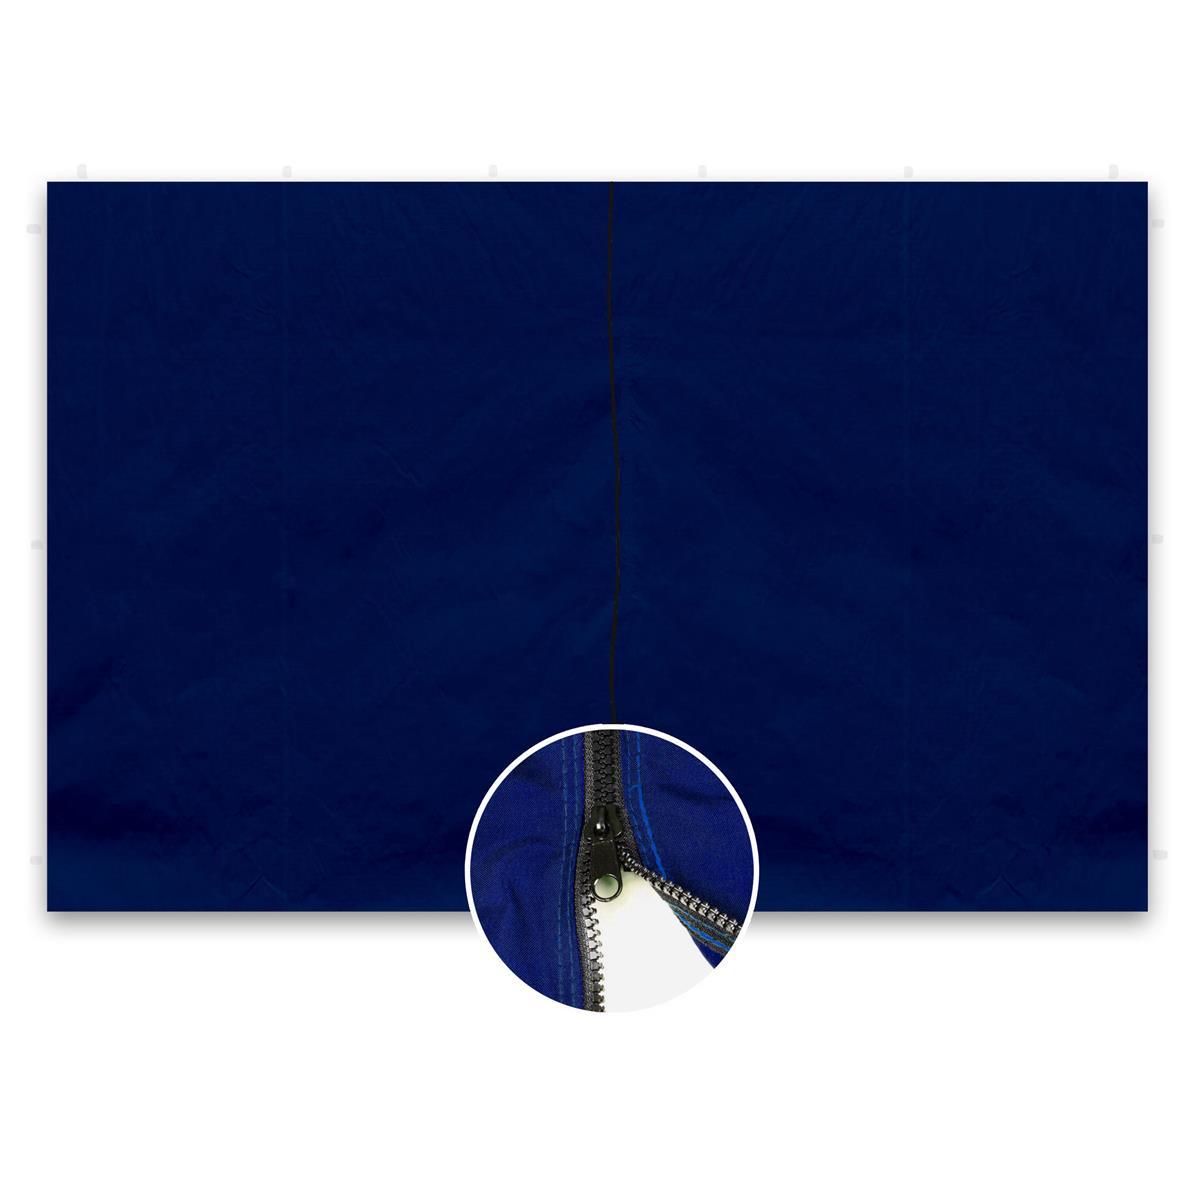 2 Seitenteile ohne Fenster für PROFI Falt Pavillon 3x3m blau 180 g/m² Seitenwand